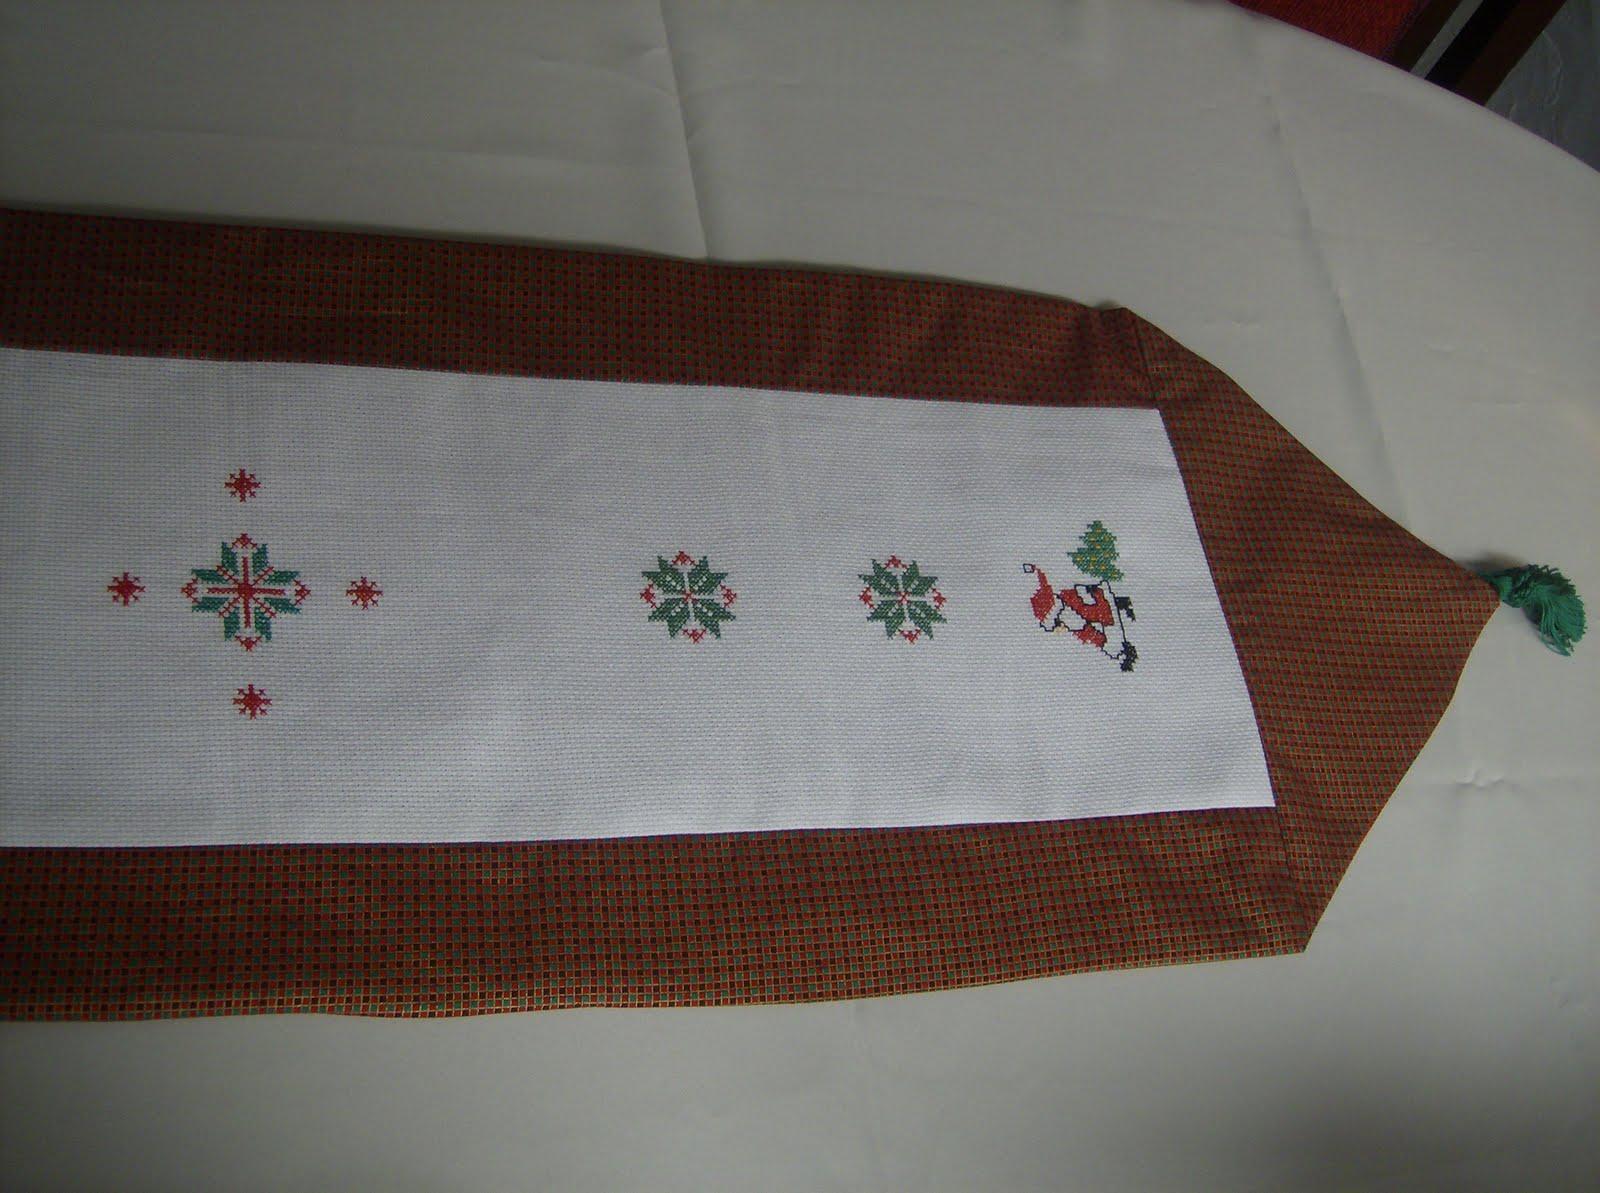 Camino de mesa tejido en crochet 15 rosas youtube for Camino de mesa elegante en crochet